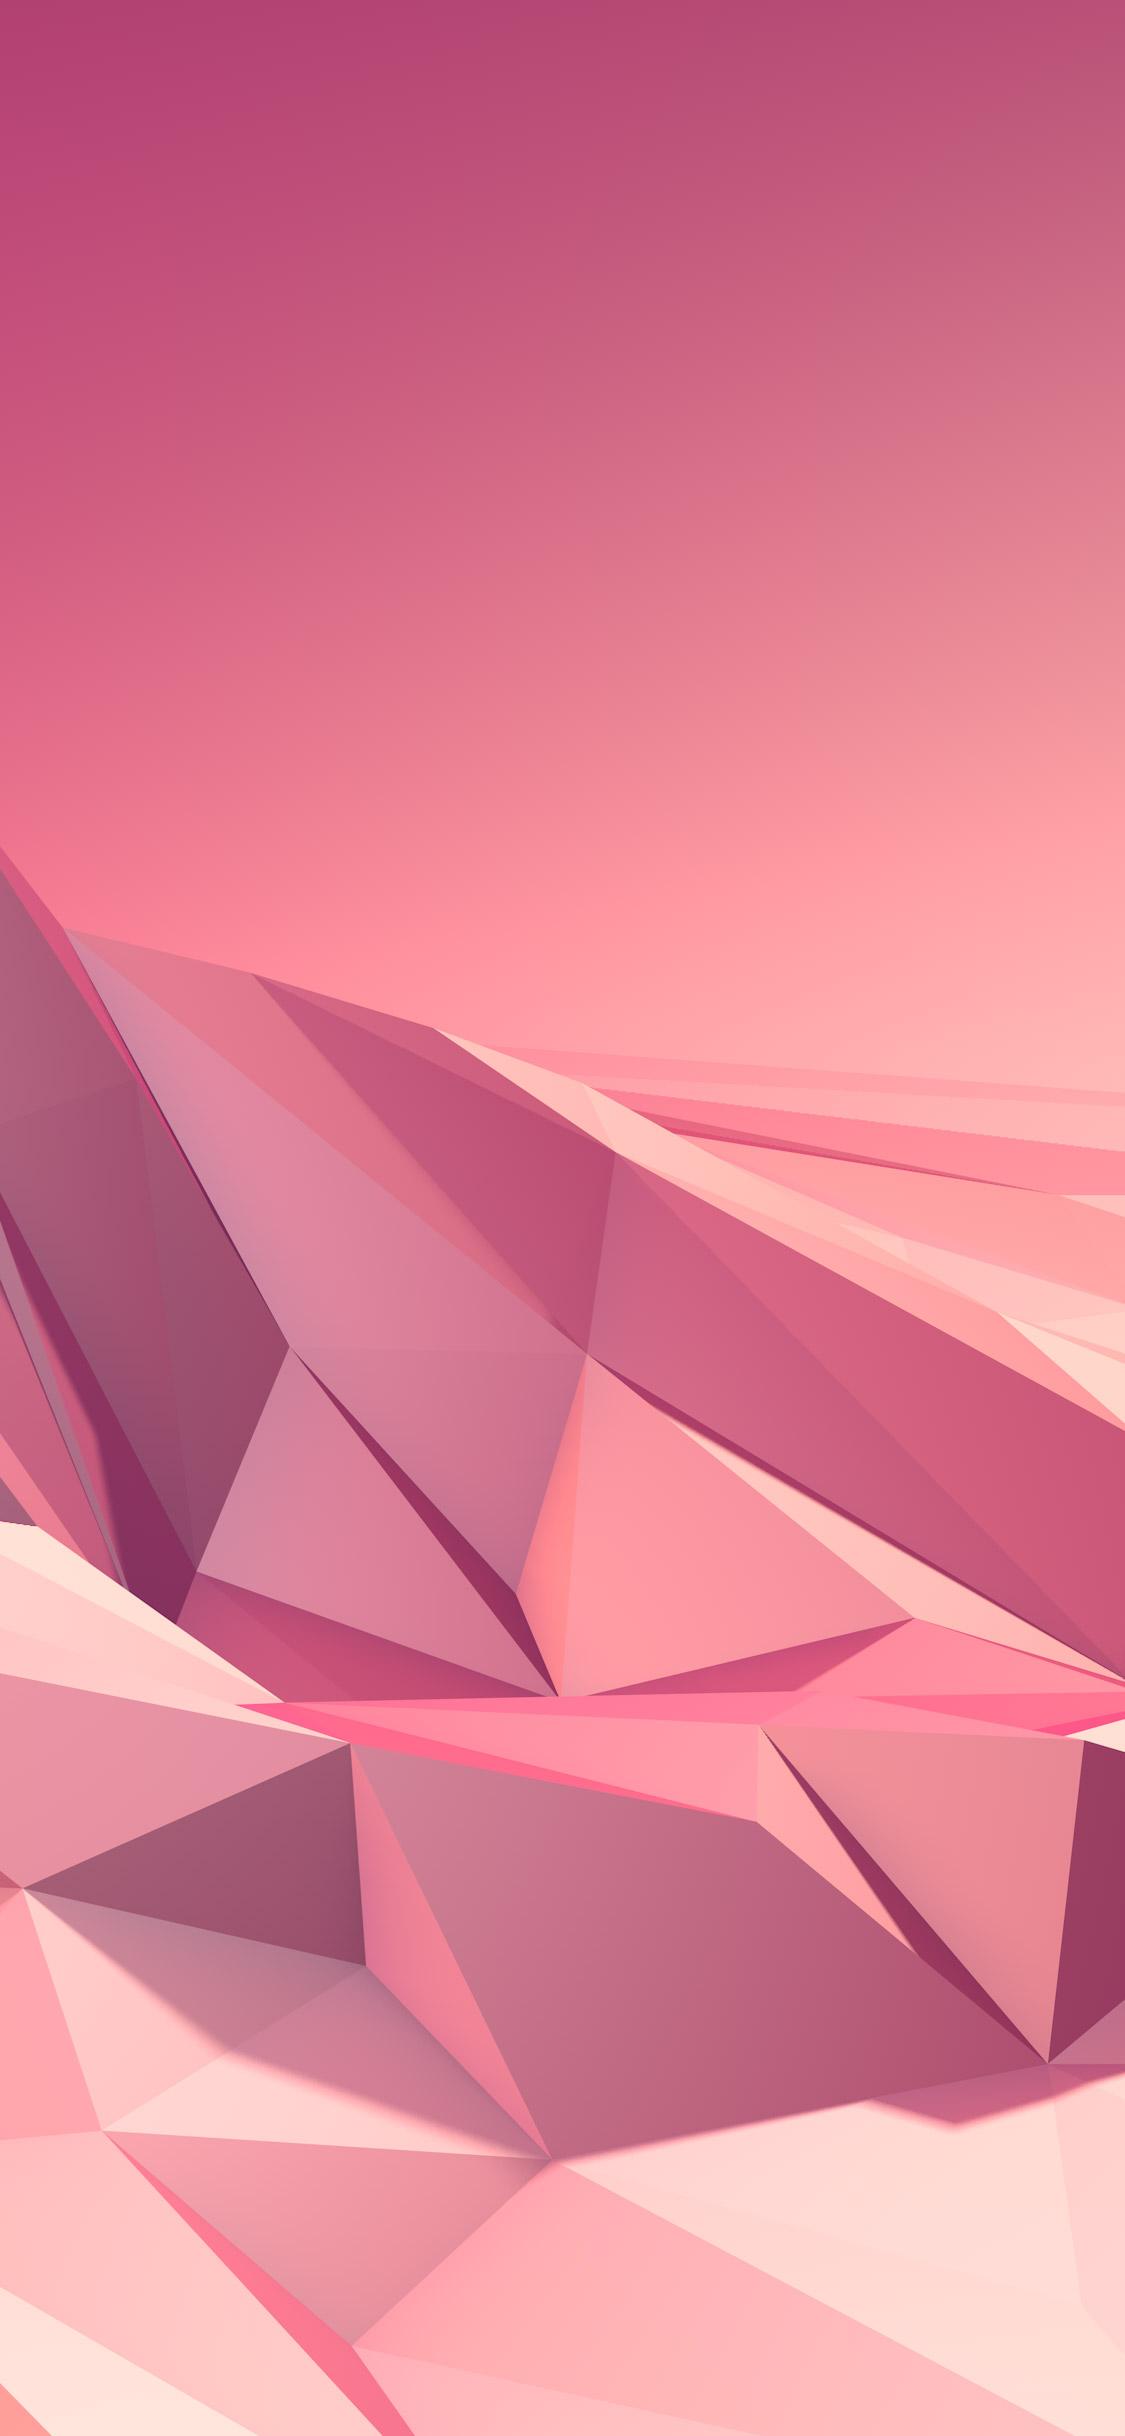 hình nền iphone x hồng